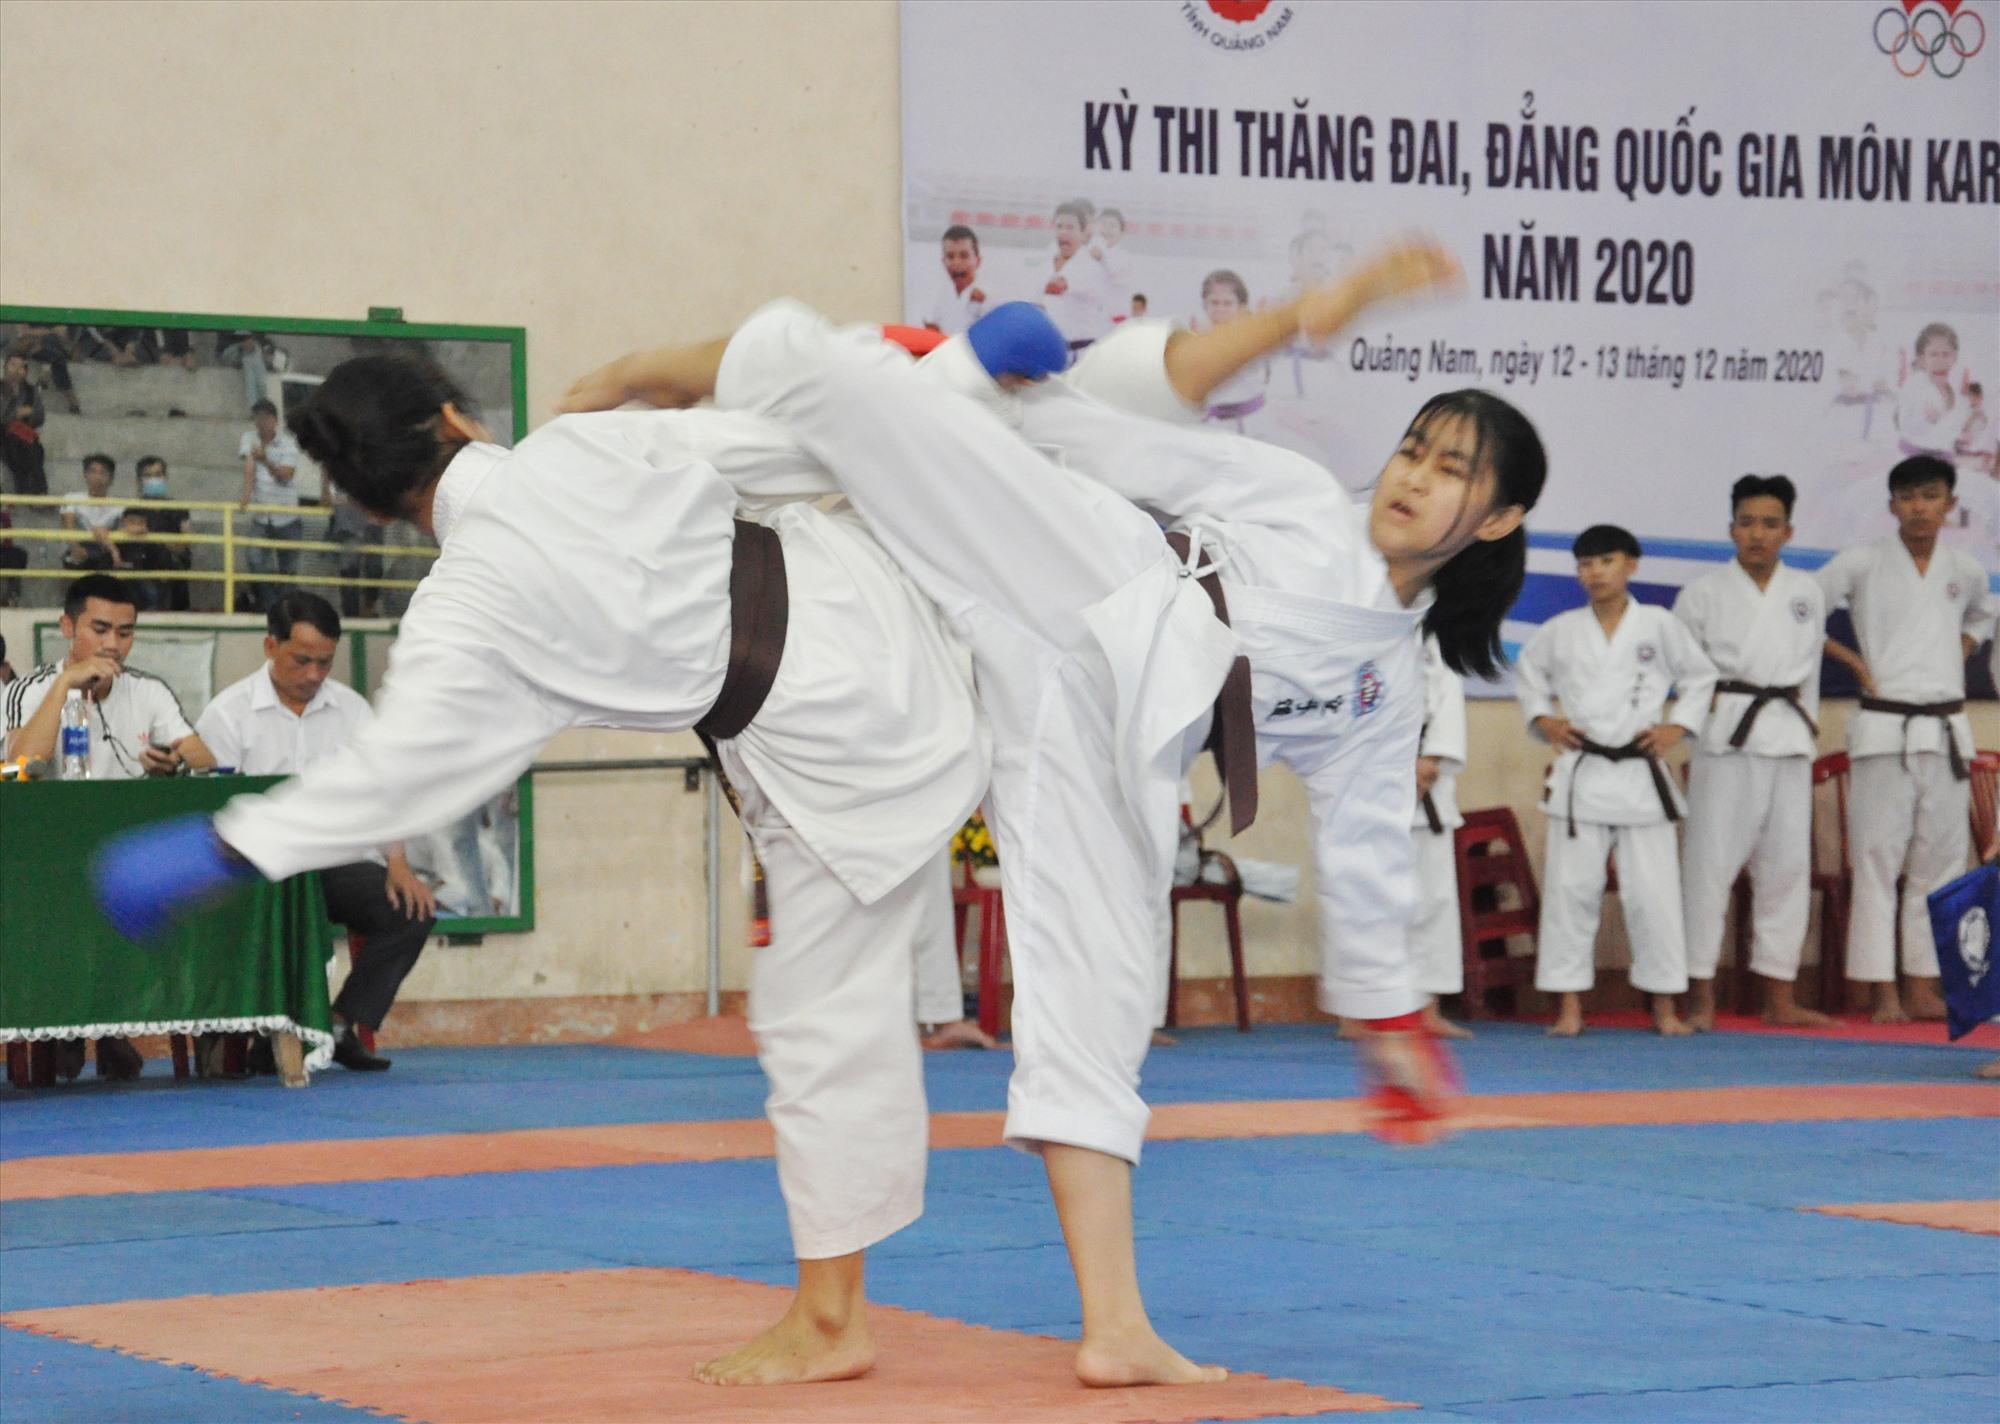 Thi thăng đẳng quốc gia do Hội Karatedo tỉnh Quảng Nam đăng cai tổ chức. Ảnh: An Nhi